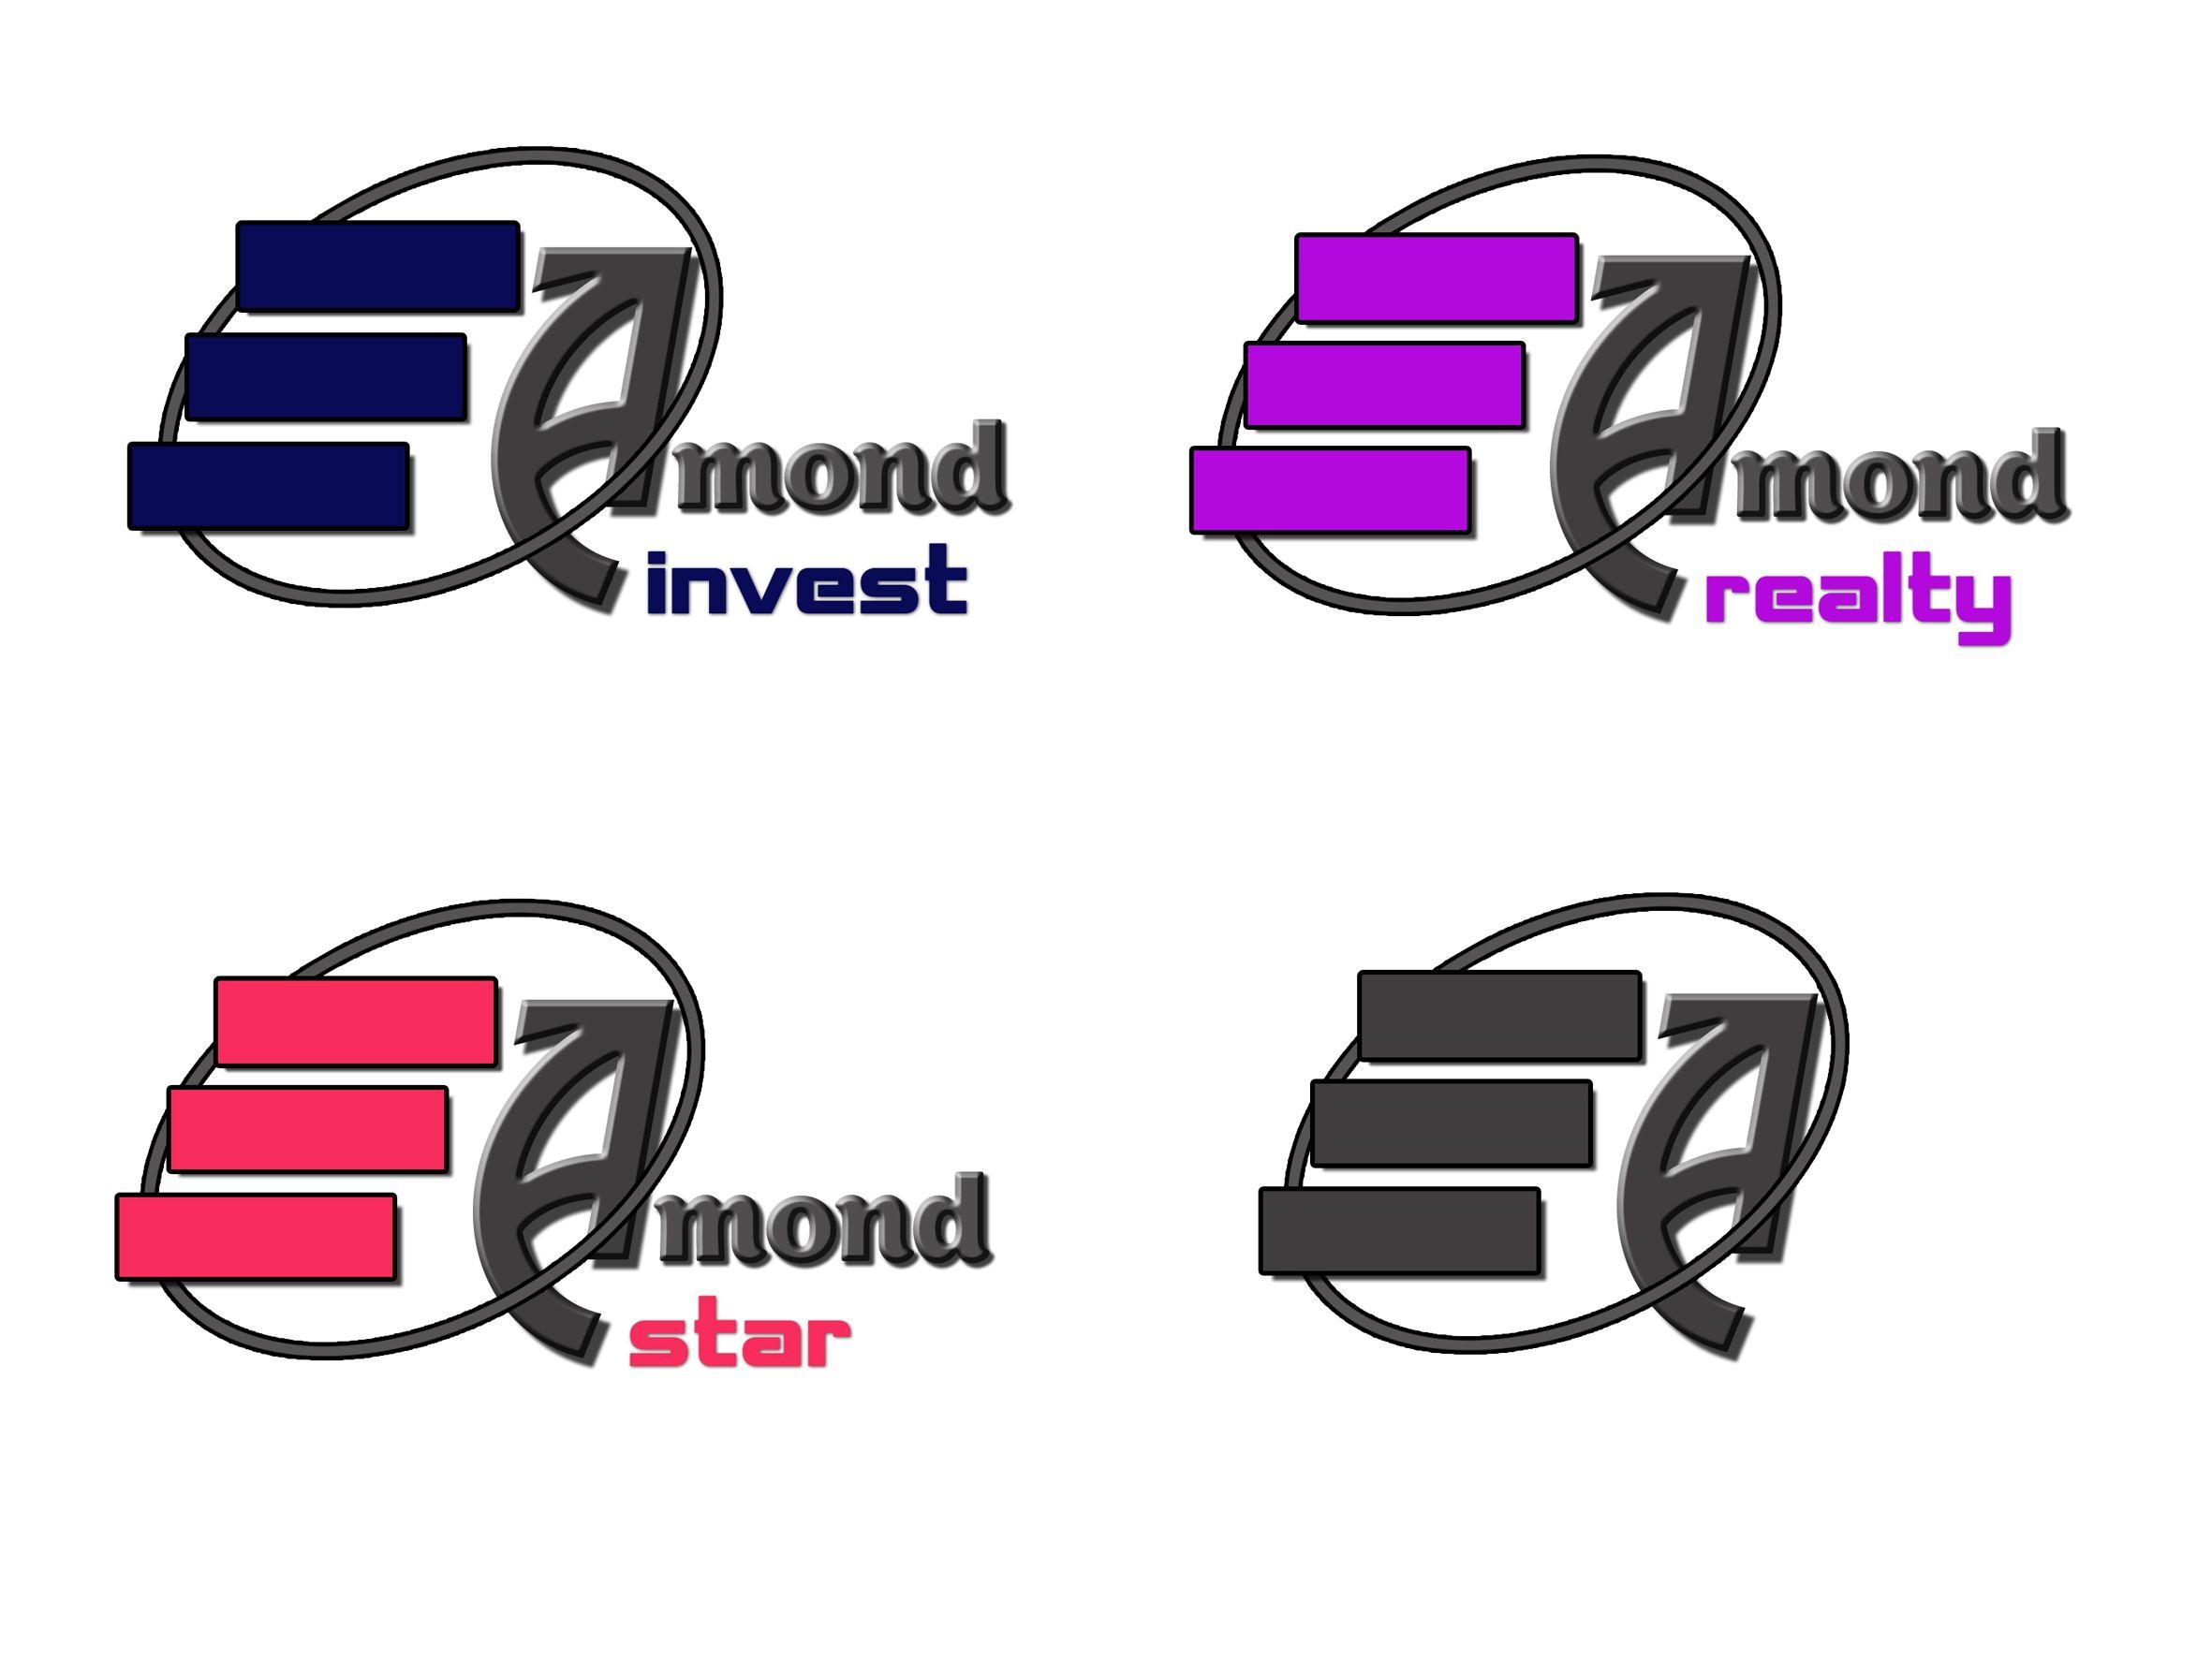 Логотип для группы компаний  - дизайнер RuSib72